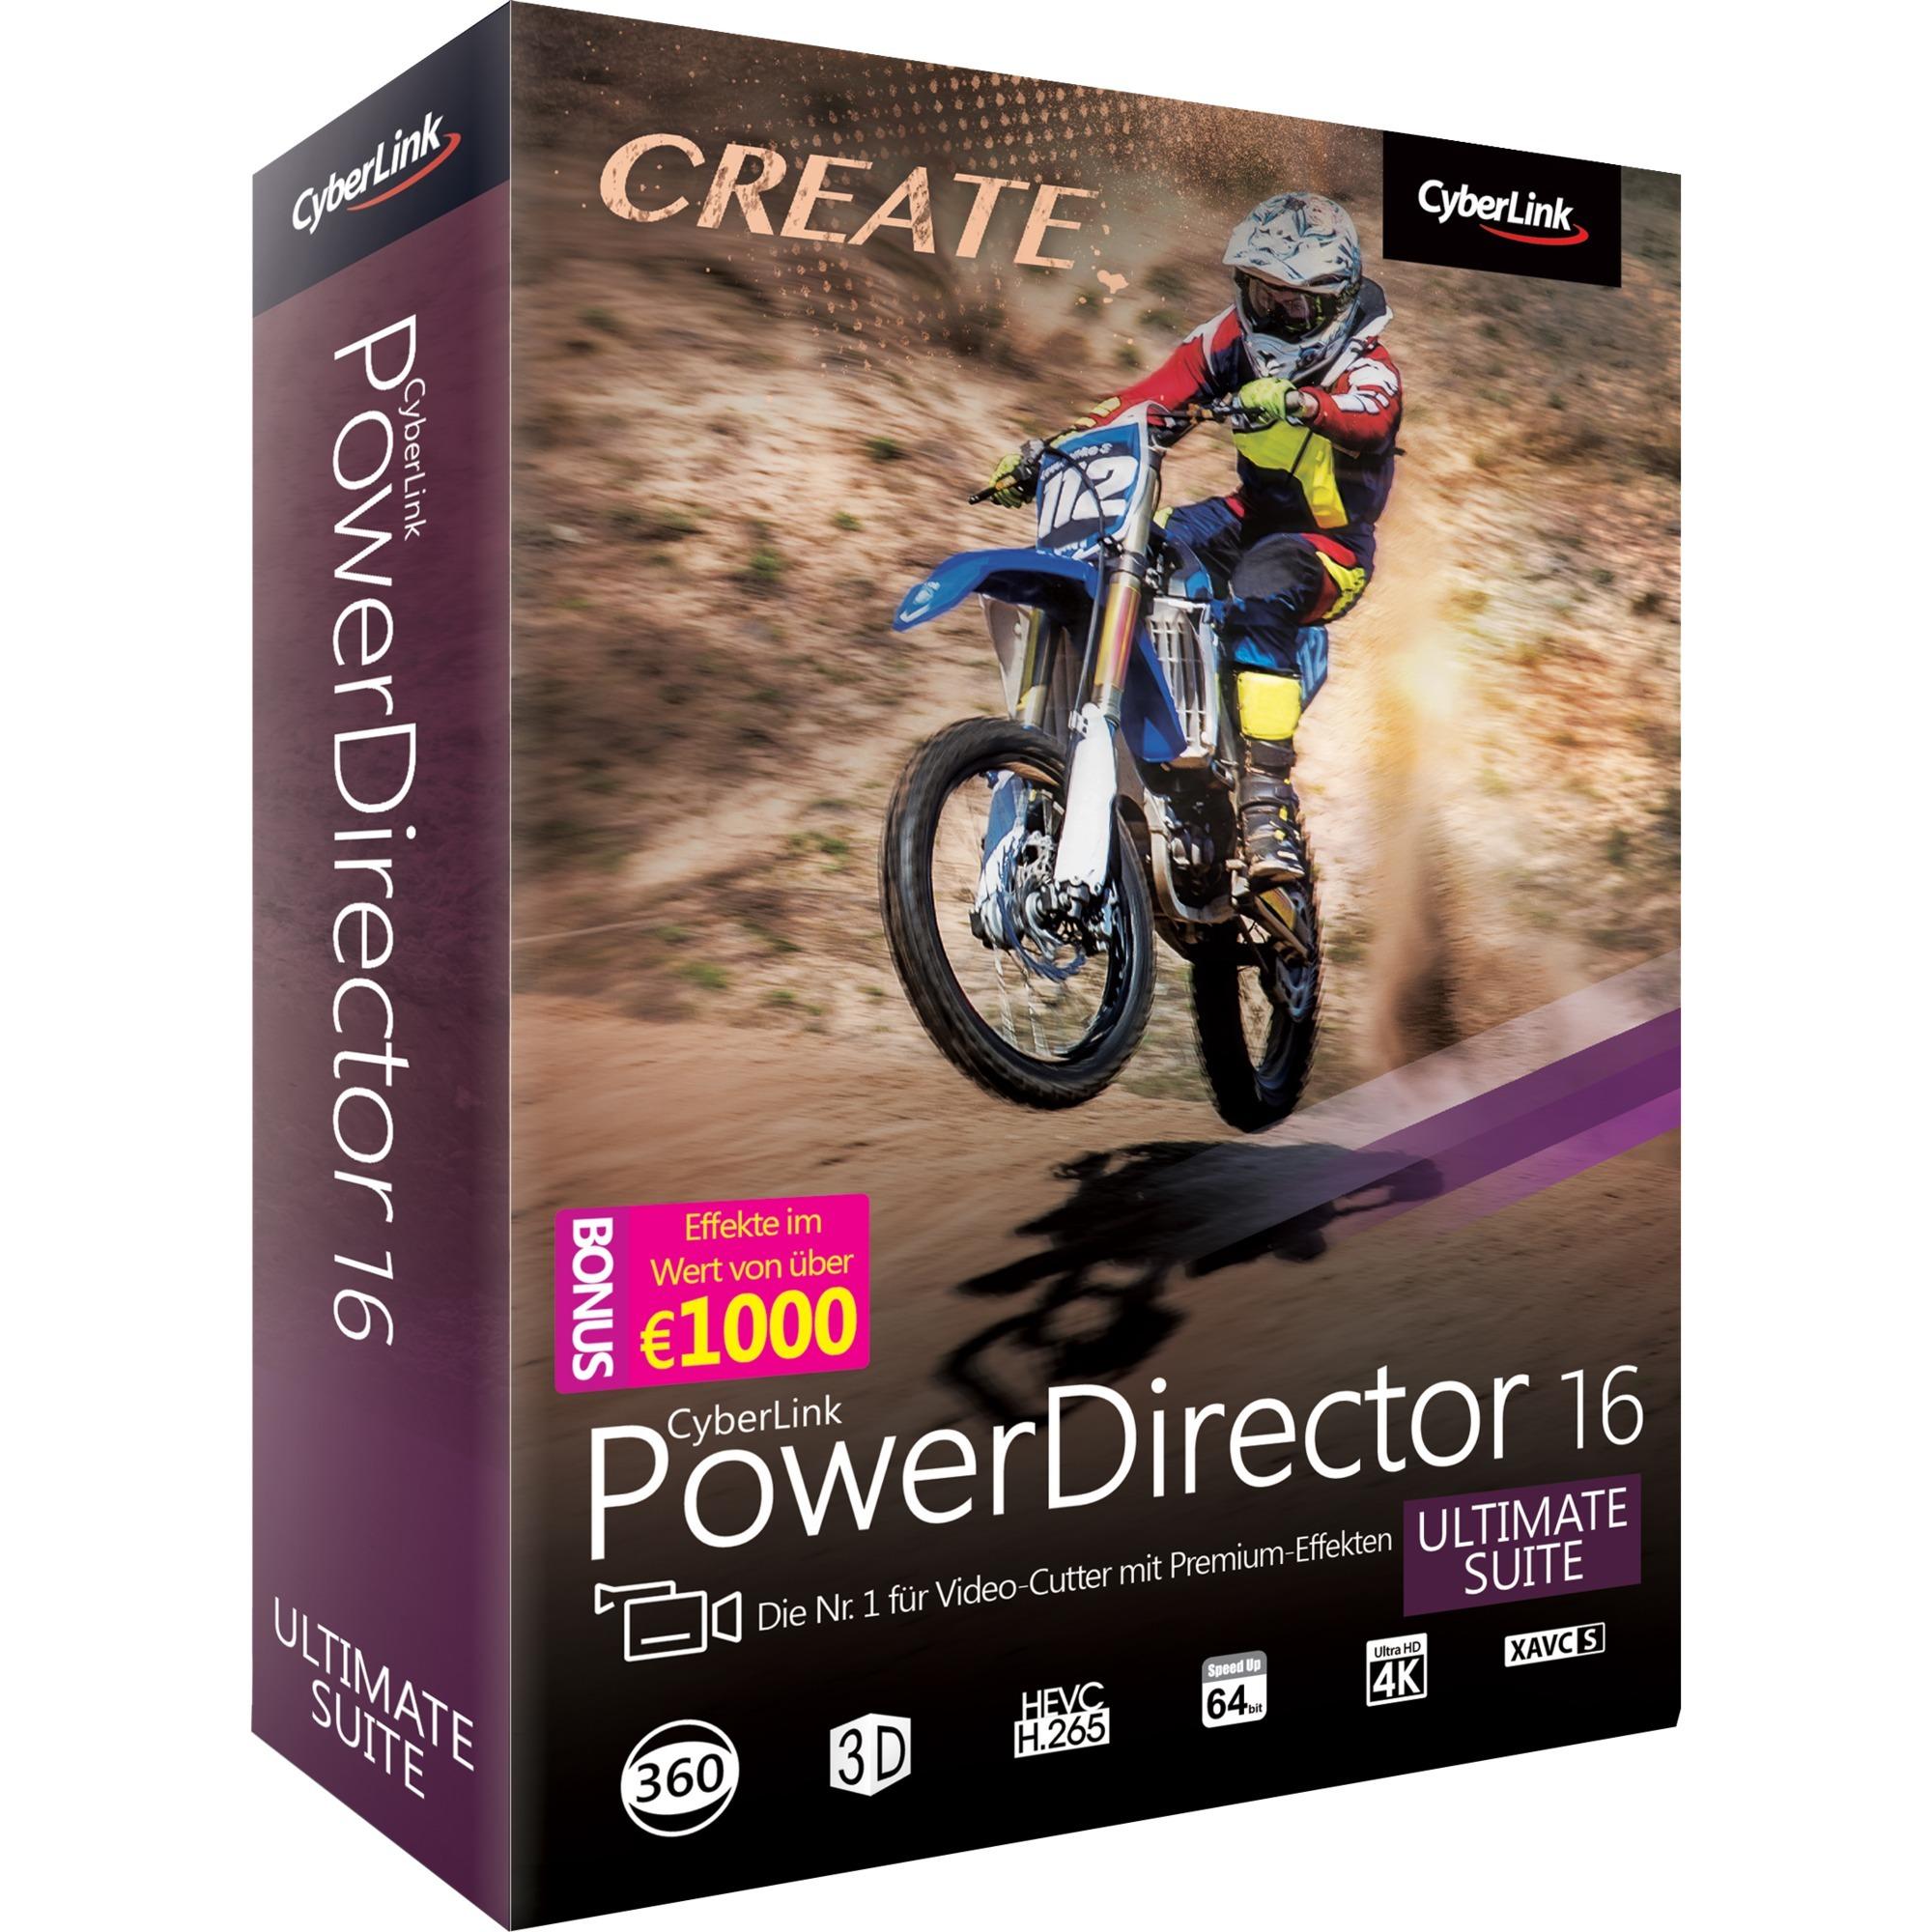 PowerDirector 16 Ultimate Suite